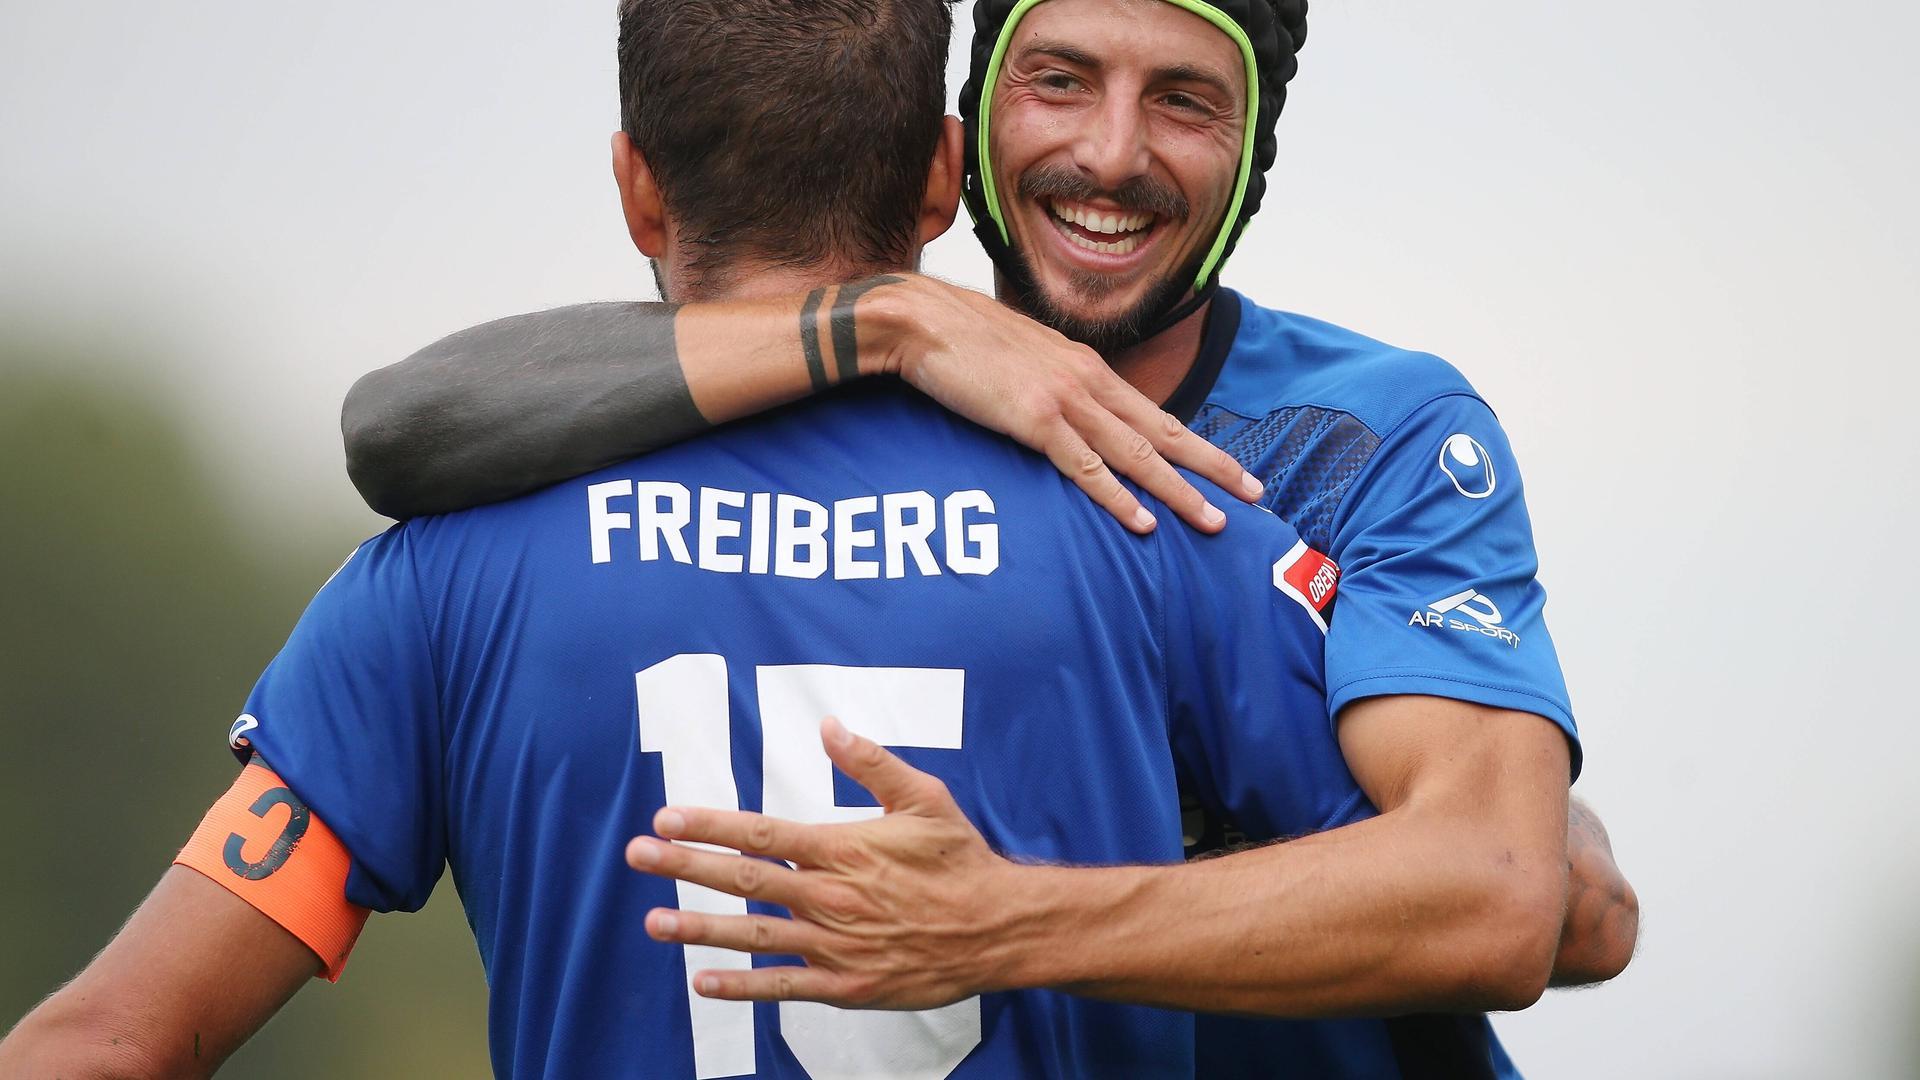 Spieler des Fußball-Oberligisten Freiberg. Von links:  Torschütze Marco Grüttner, Dominik Salz.